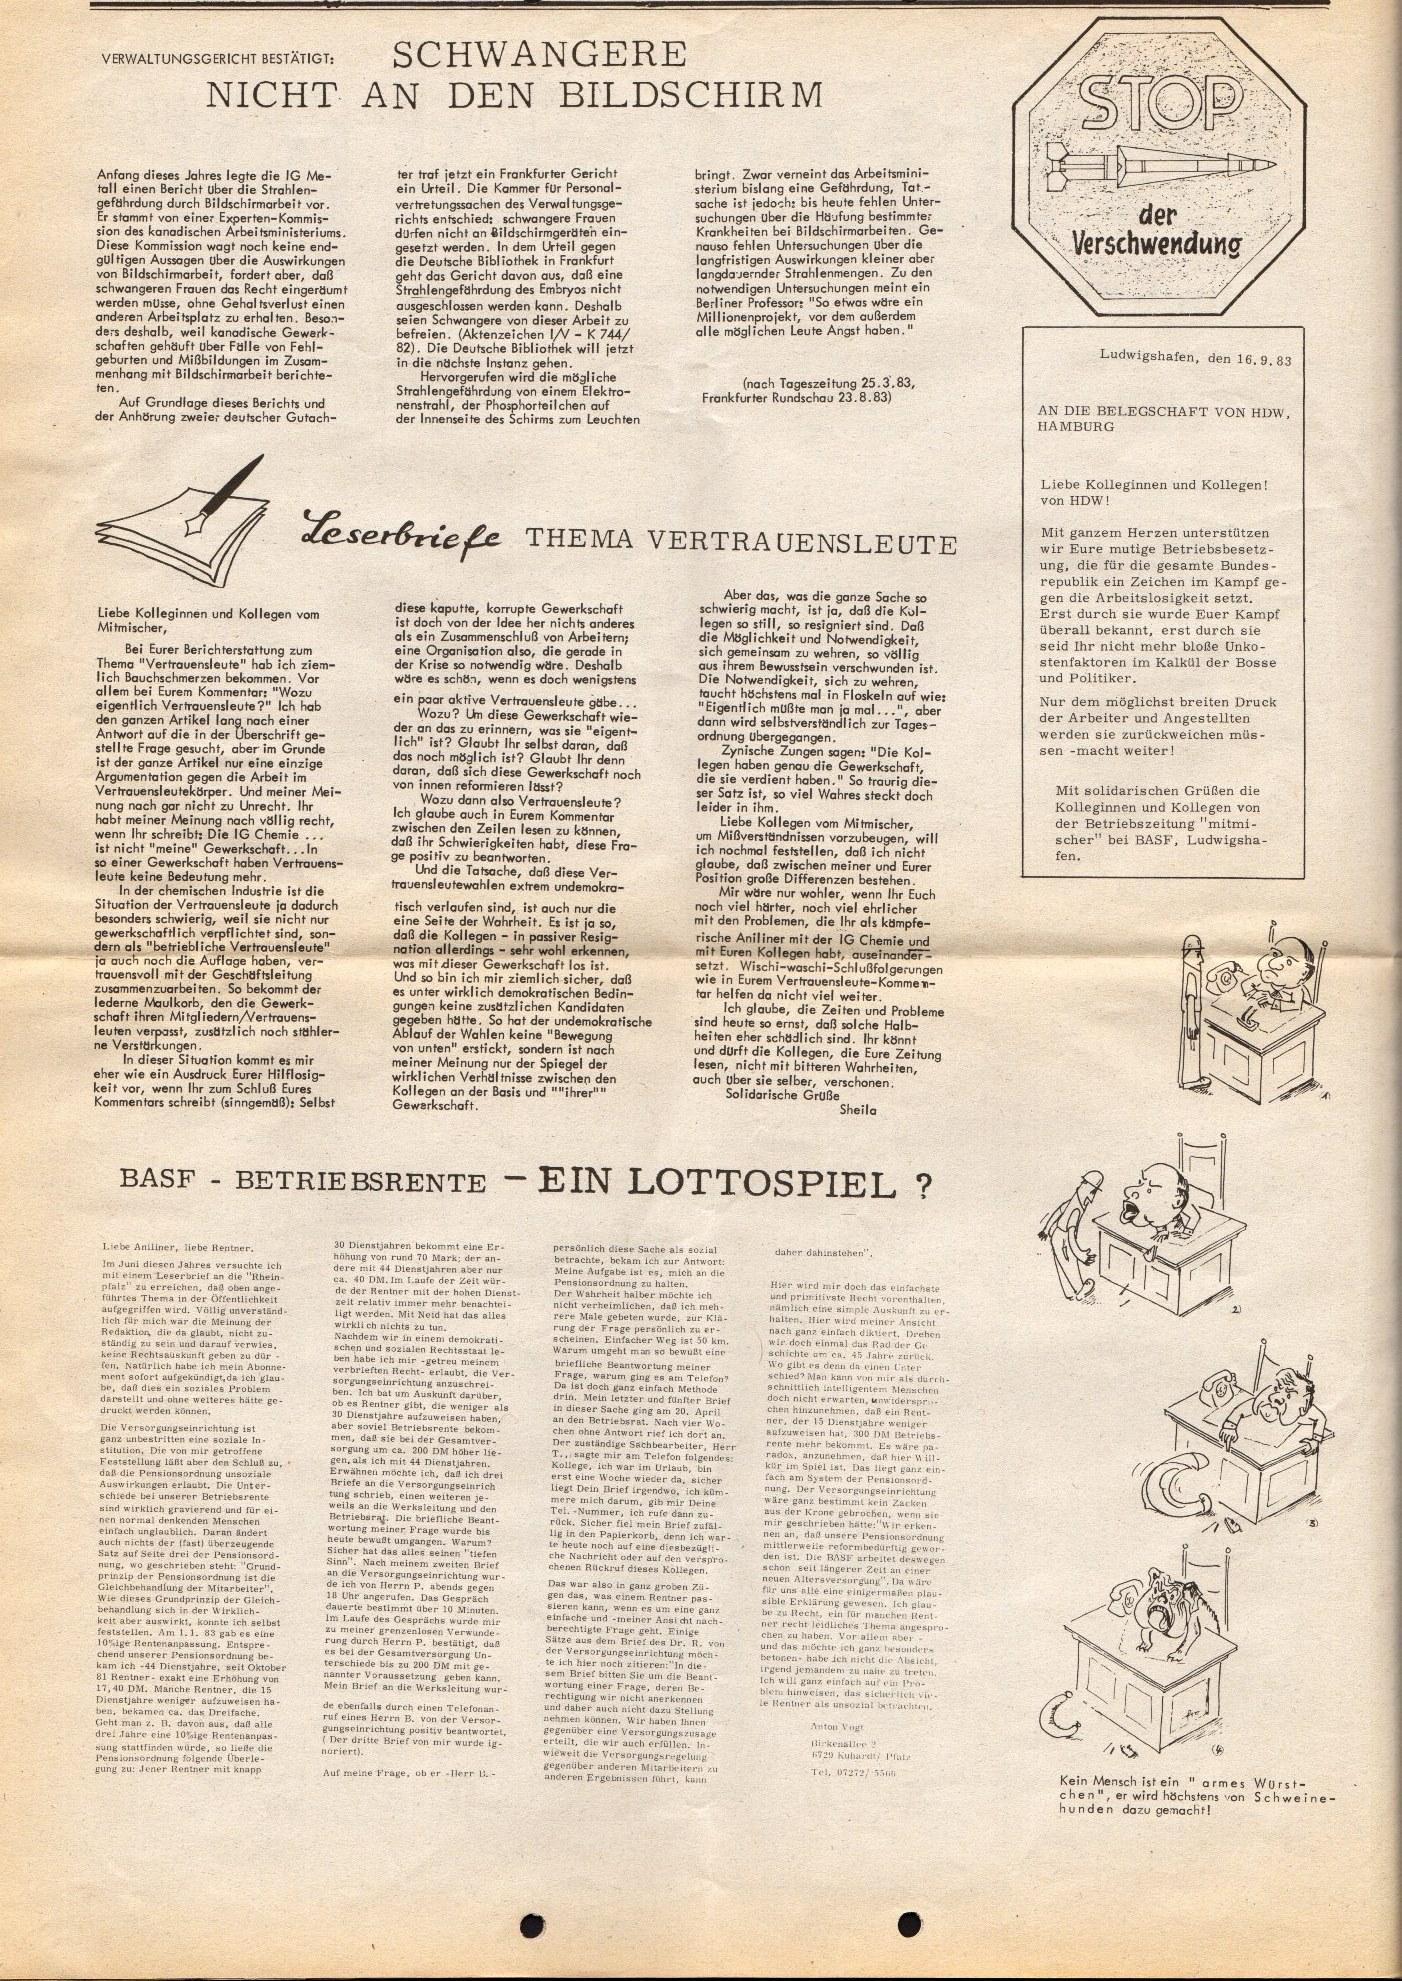 Ludwigshafen_Mitmischer_1983_19_02